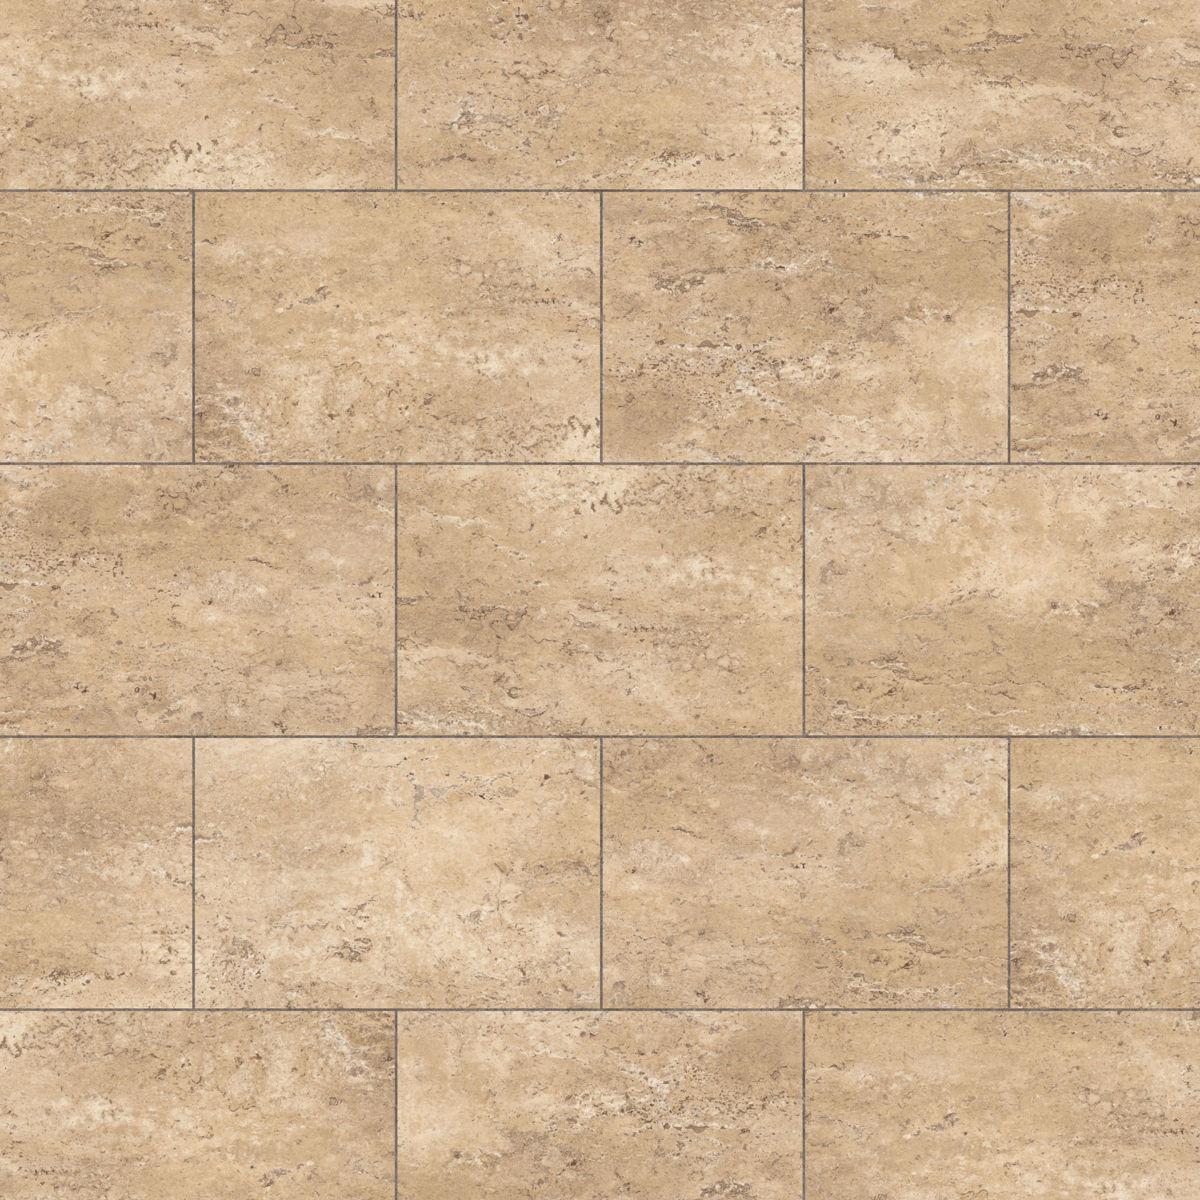 Thick vinyl floor tiles